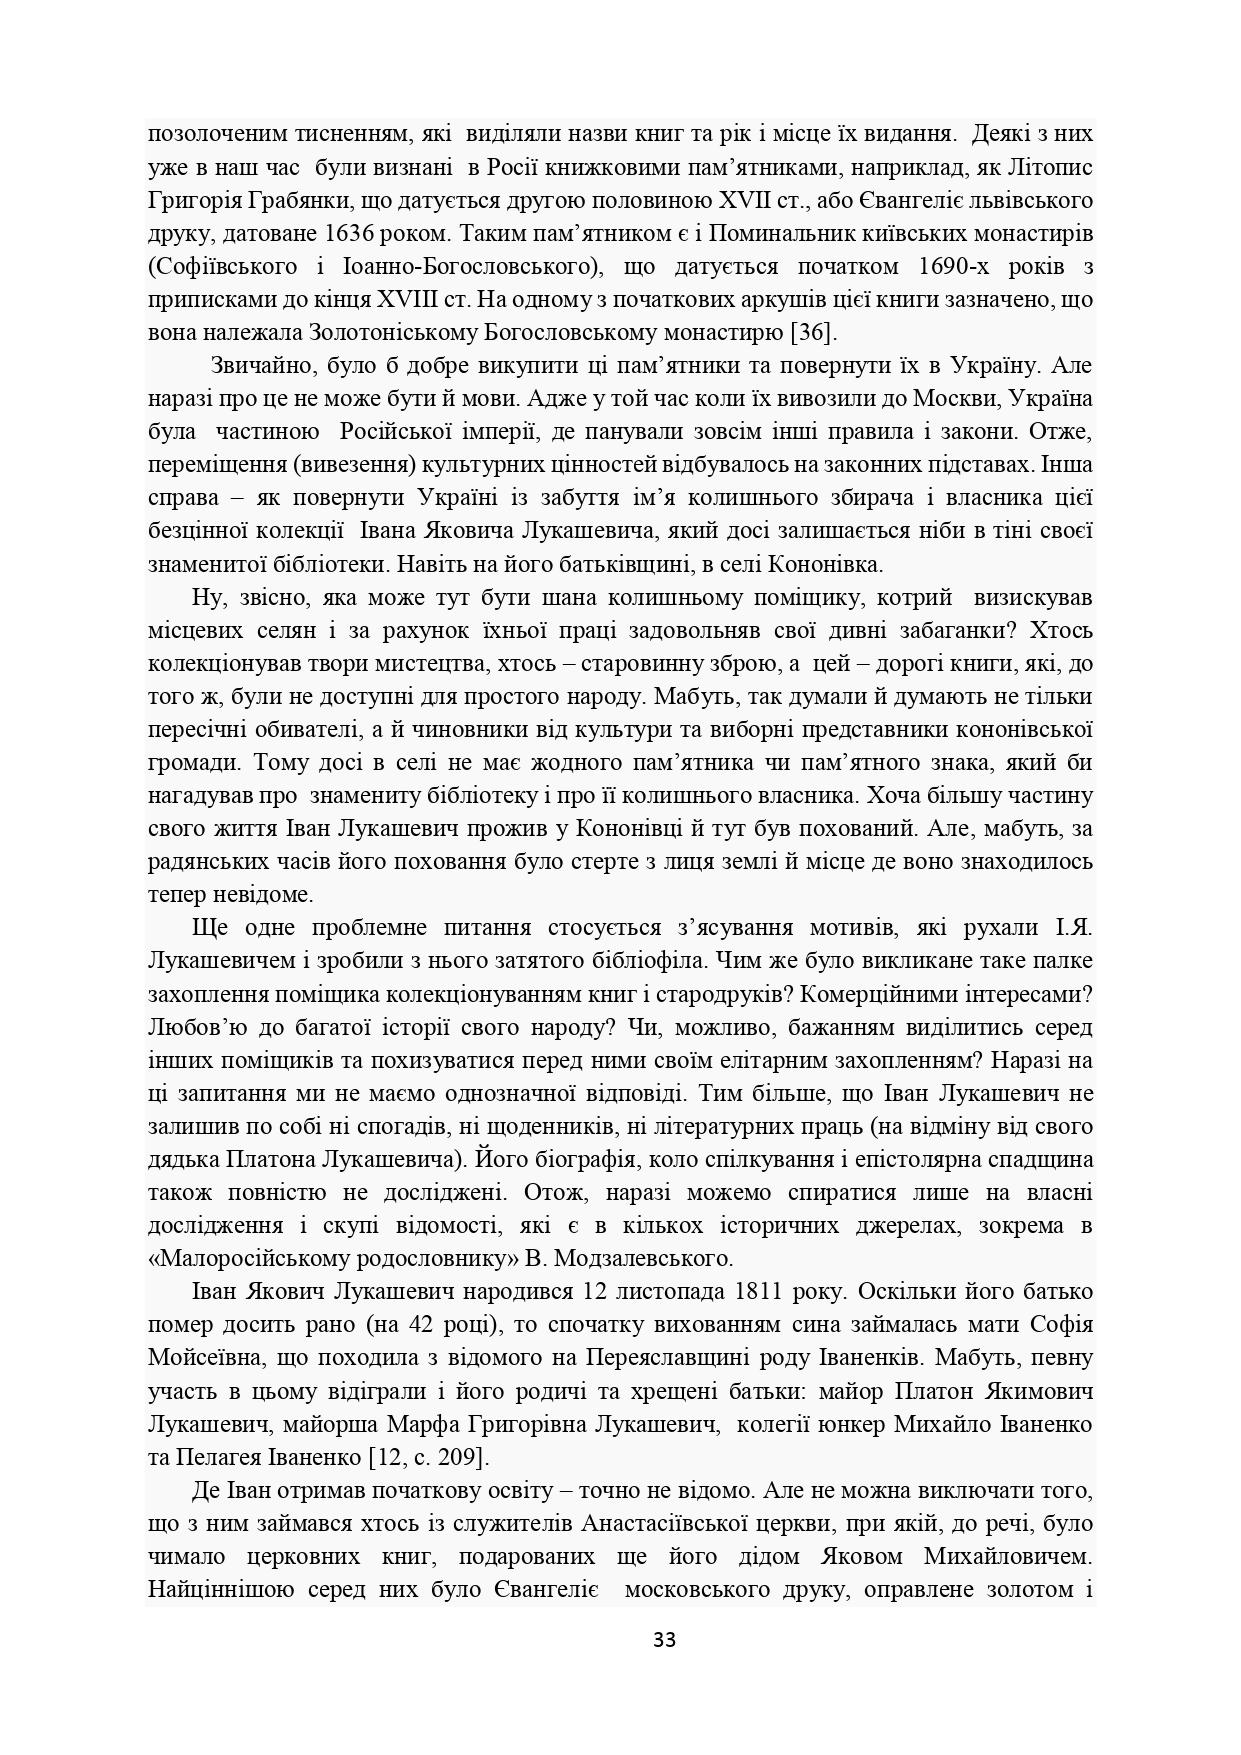 ІСТОРІЯ СЕЛА КОНОНІВКА 2021 (1)_page-0033